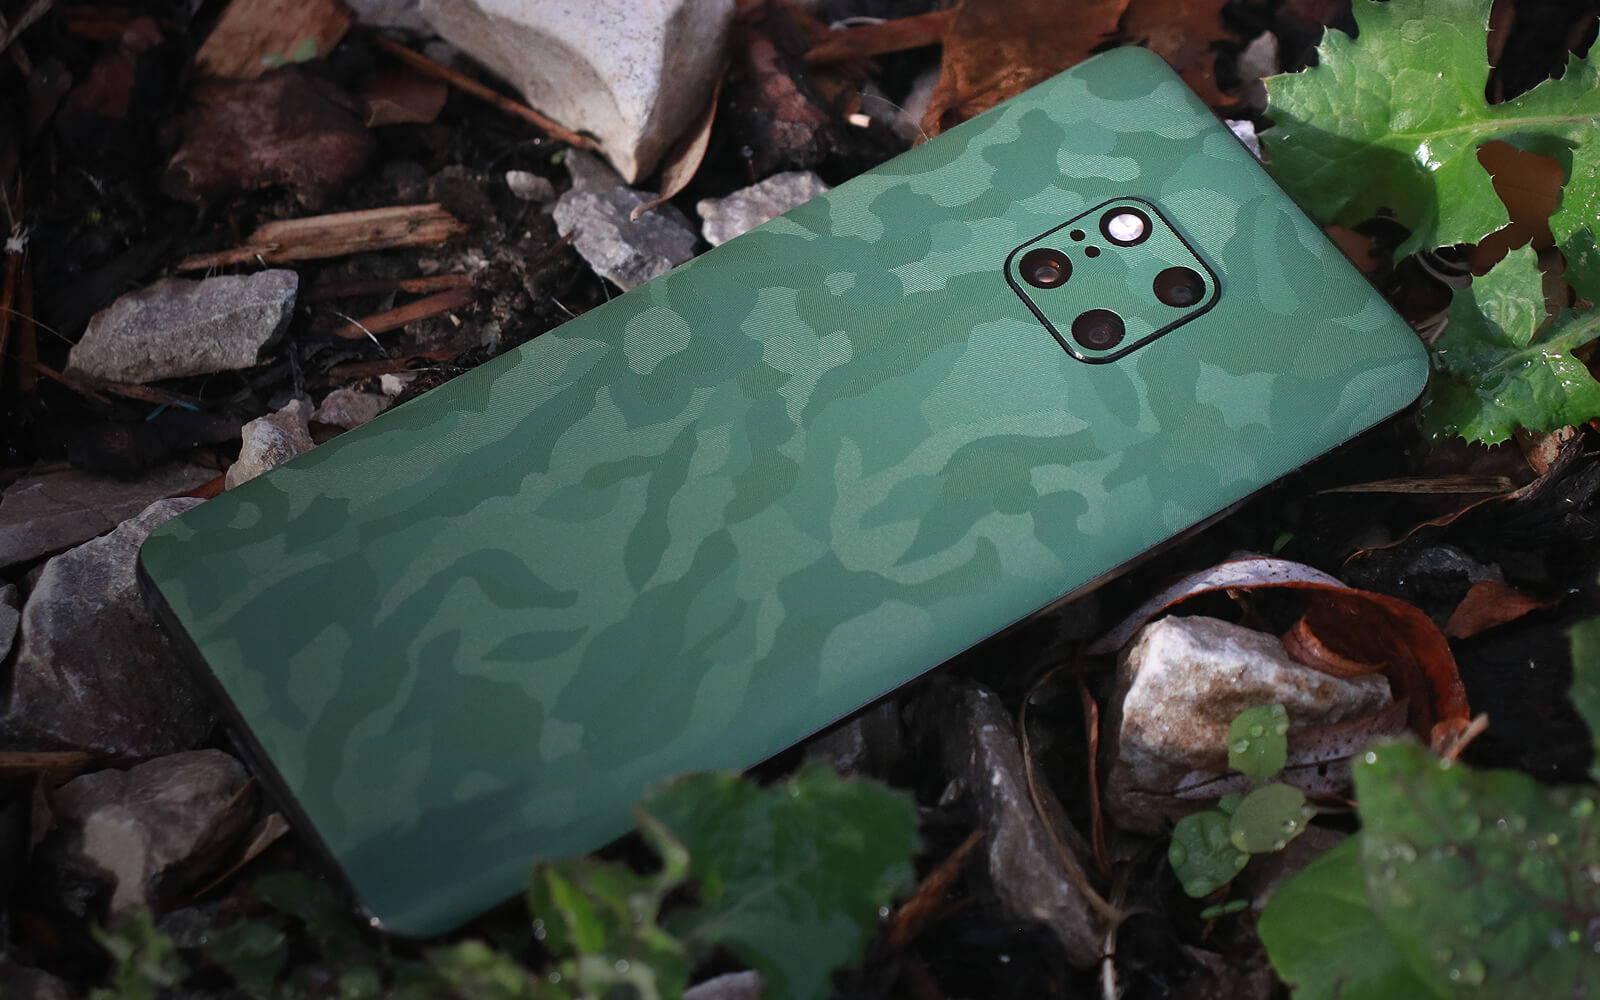 Huawei Mate 20 Pro Green Camo Skins